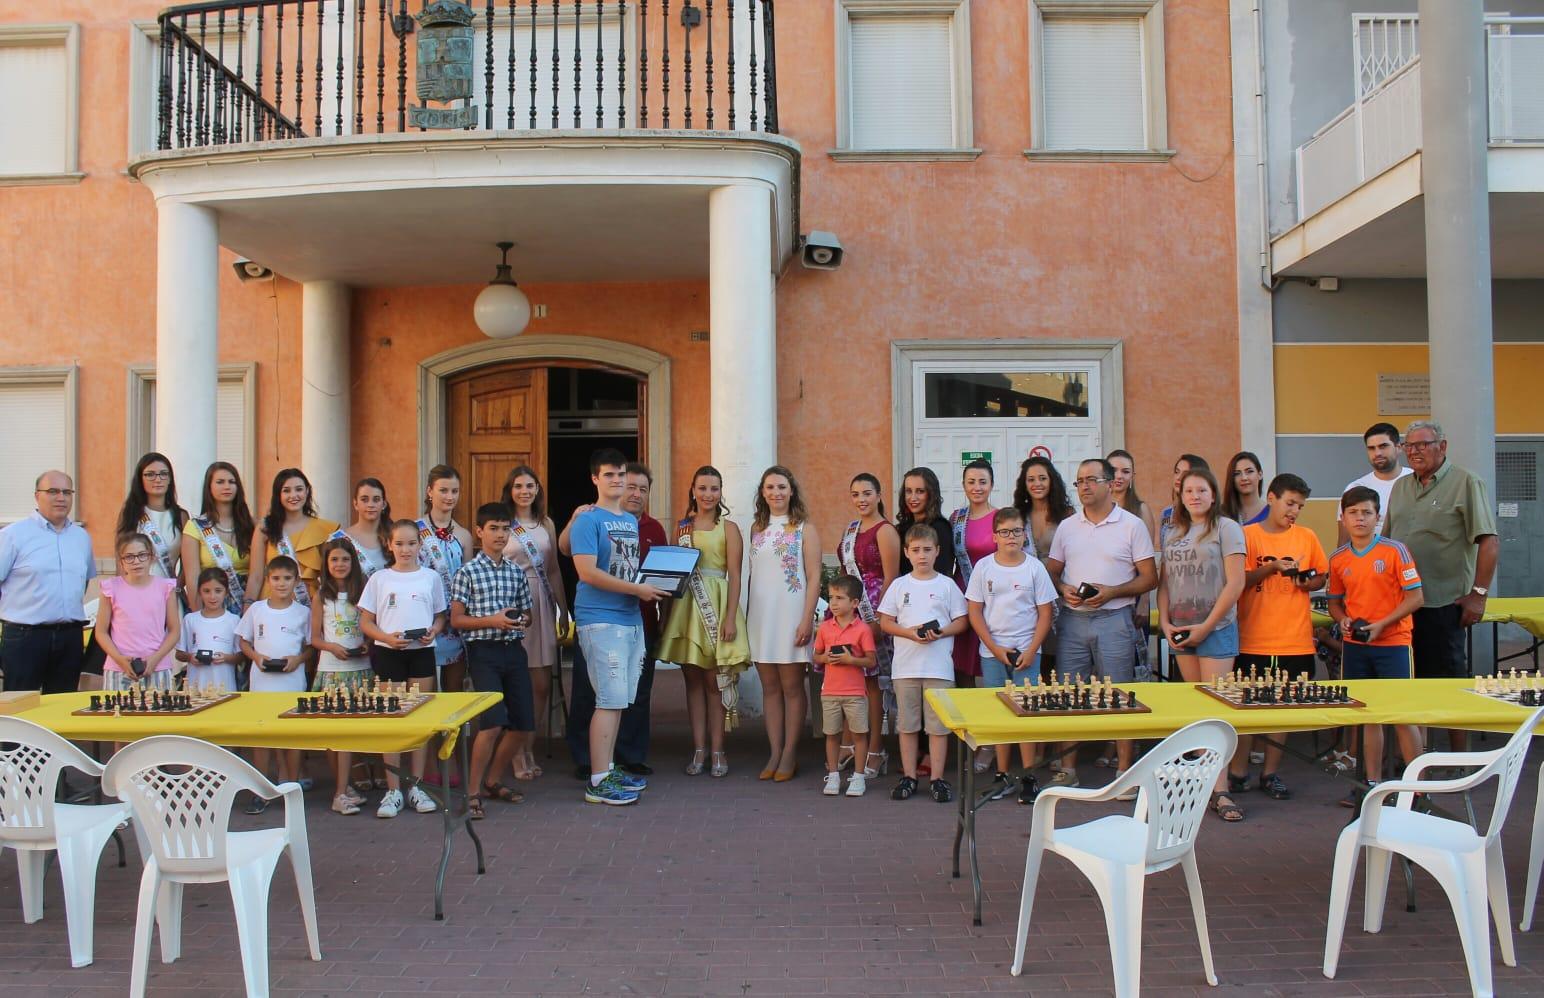 Después de la exhibición, el turisano recibió un reconocimiento del ayuntamiento de mano de la regidora de Cultura, Isabel Guaita, y del regidor de Fiestas, Ismael Corell, que también asistieron para ver el acontecimiento.